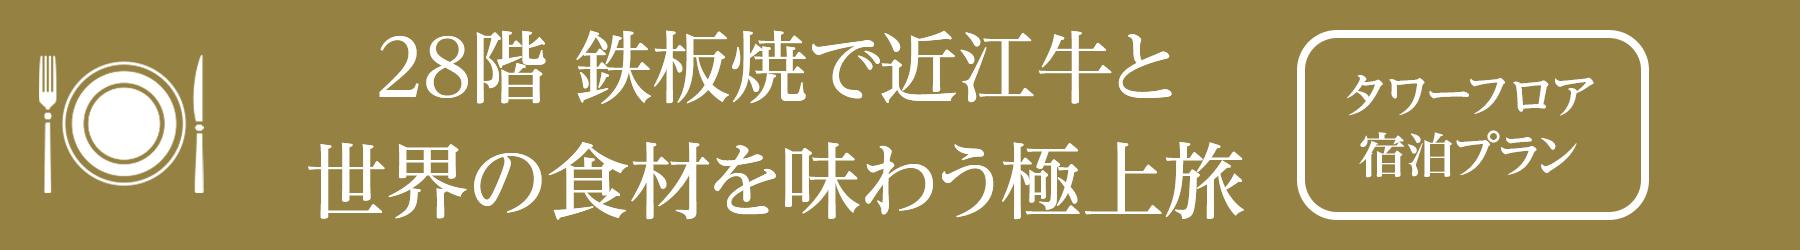 鉄板焼で日本が誇る近江牛と世界の食材を味わう極上旅